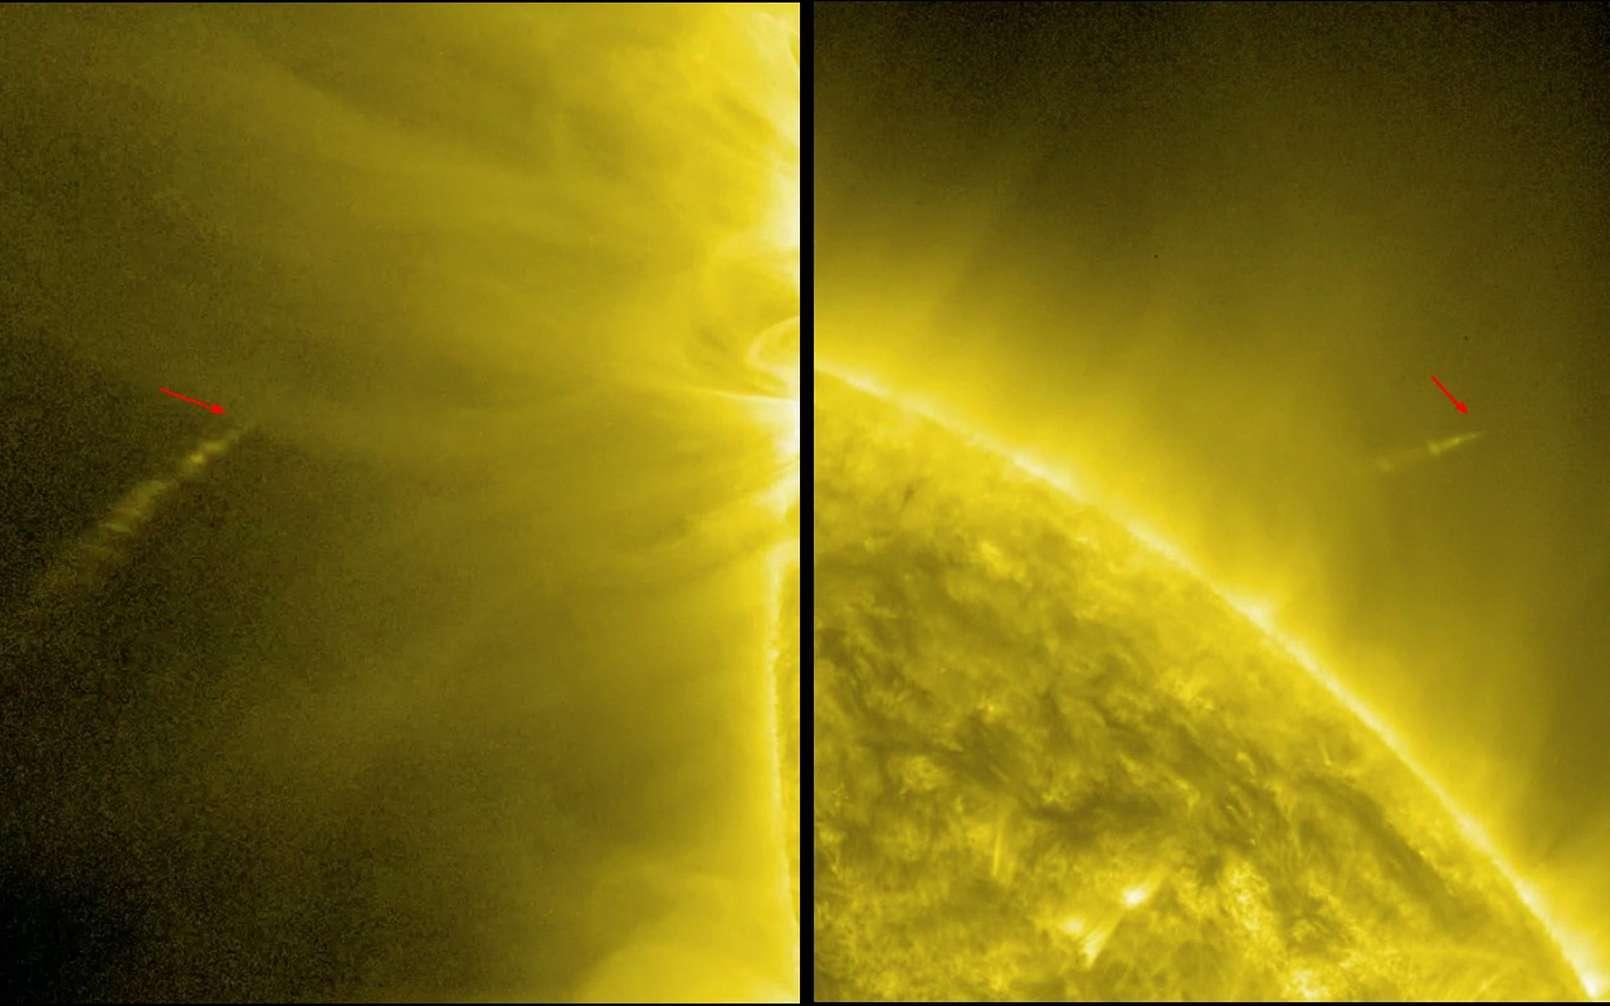 De gauche à droite sur les images de SDO obtenues cette nuit, on voit la comète Lovejoy foncer vers le Soleil puis échapper au piège sans qu'on sache encore combien lui a coûté ce survol. © Nasa/SDO